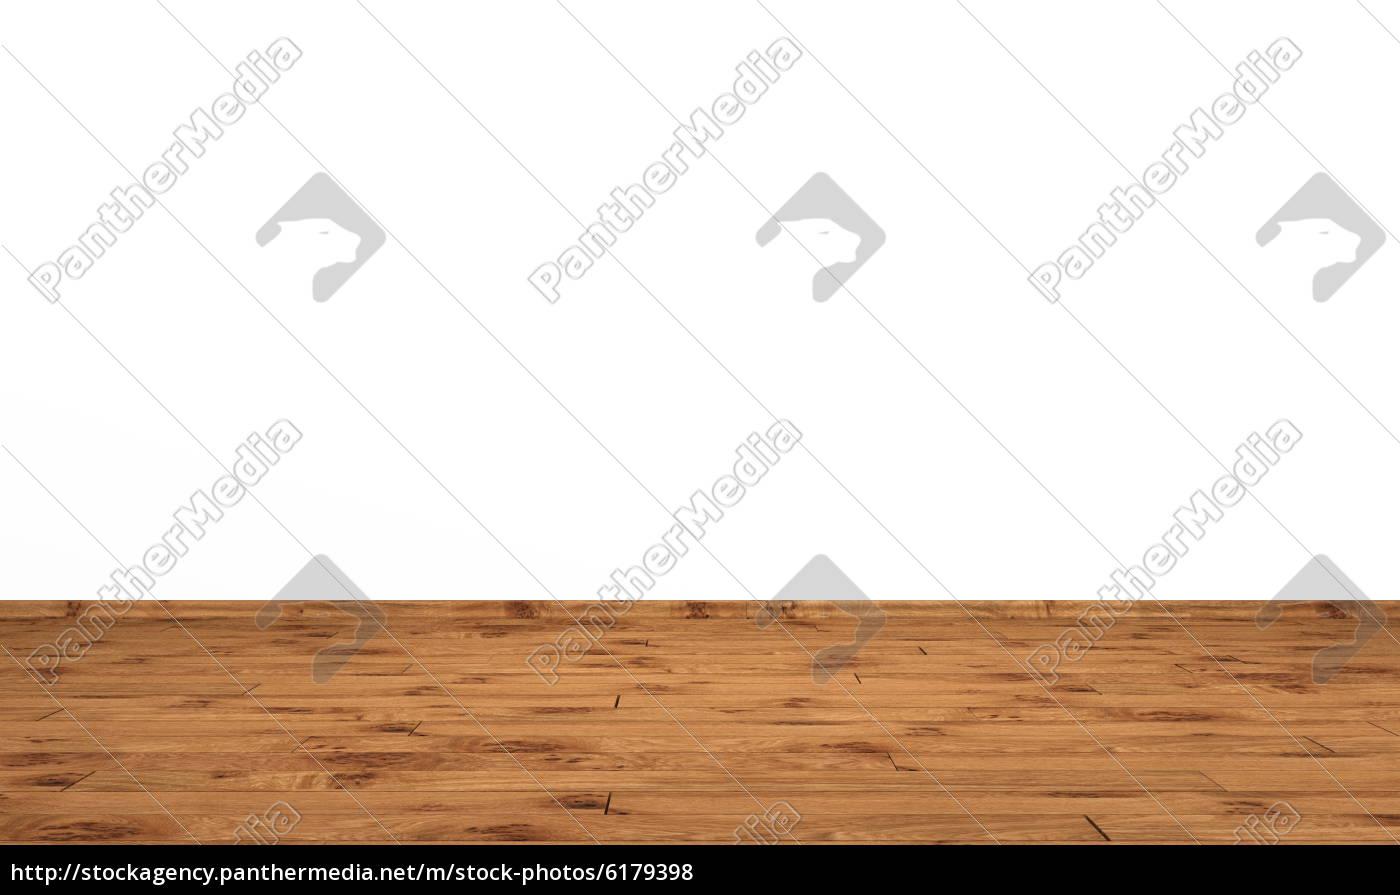 weisse wand mit holzboden - eiche mit astlöchern - stock photo